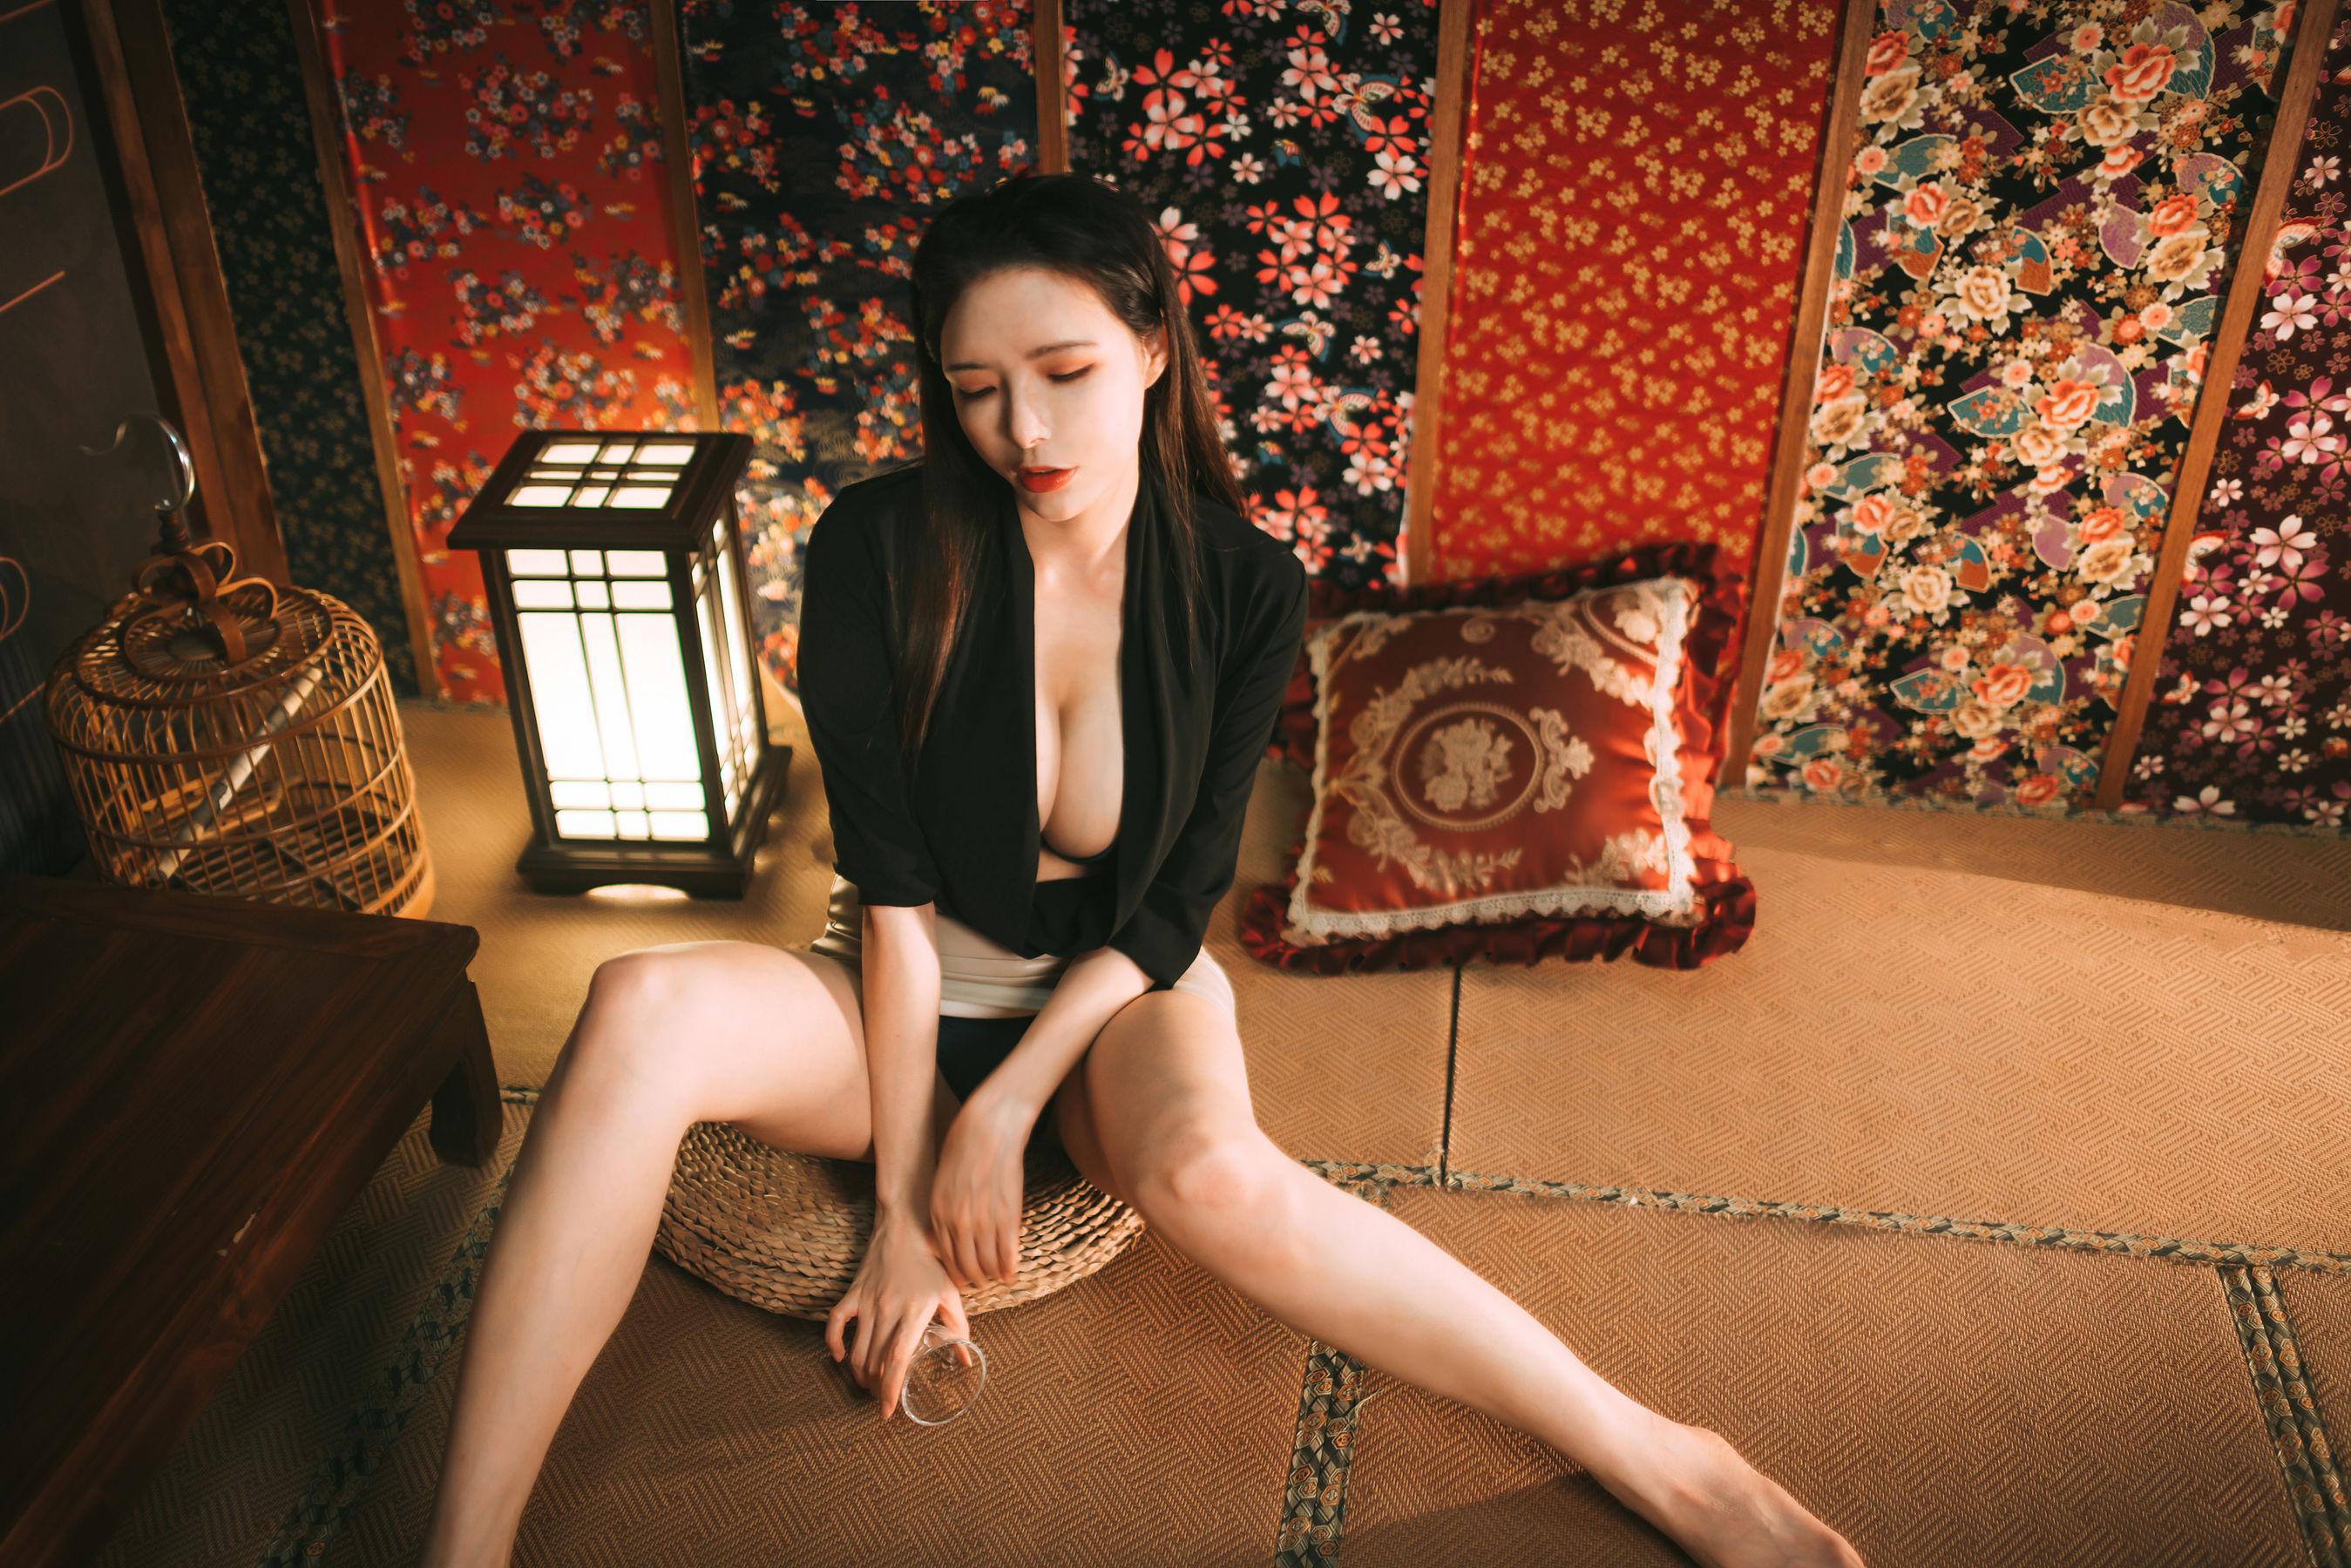 [网络美女]秋和柯基(夏小秋)超高清写真大图片(48P)|352热度